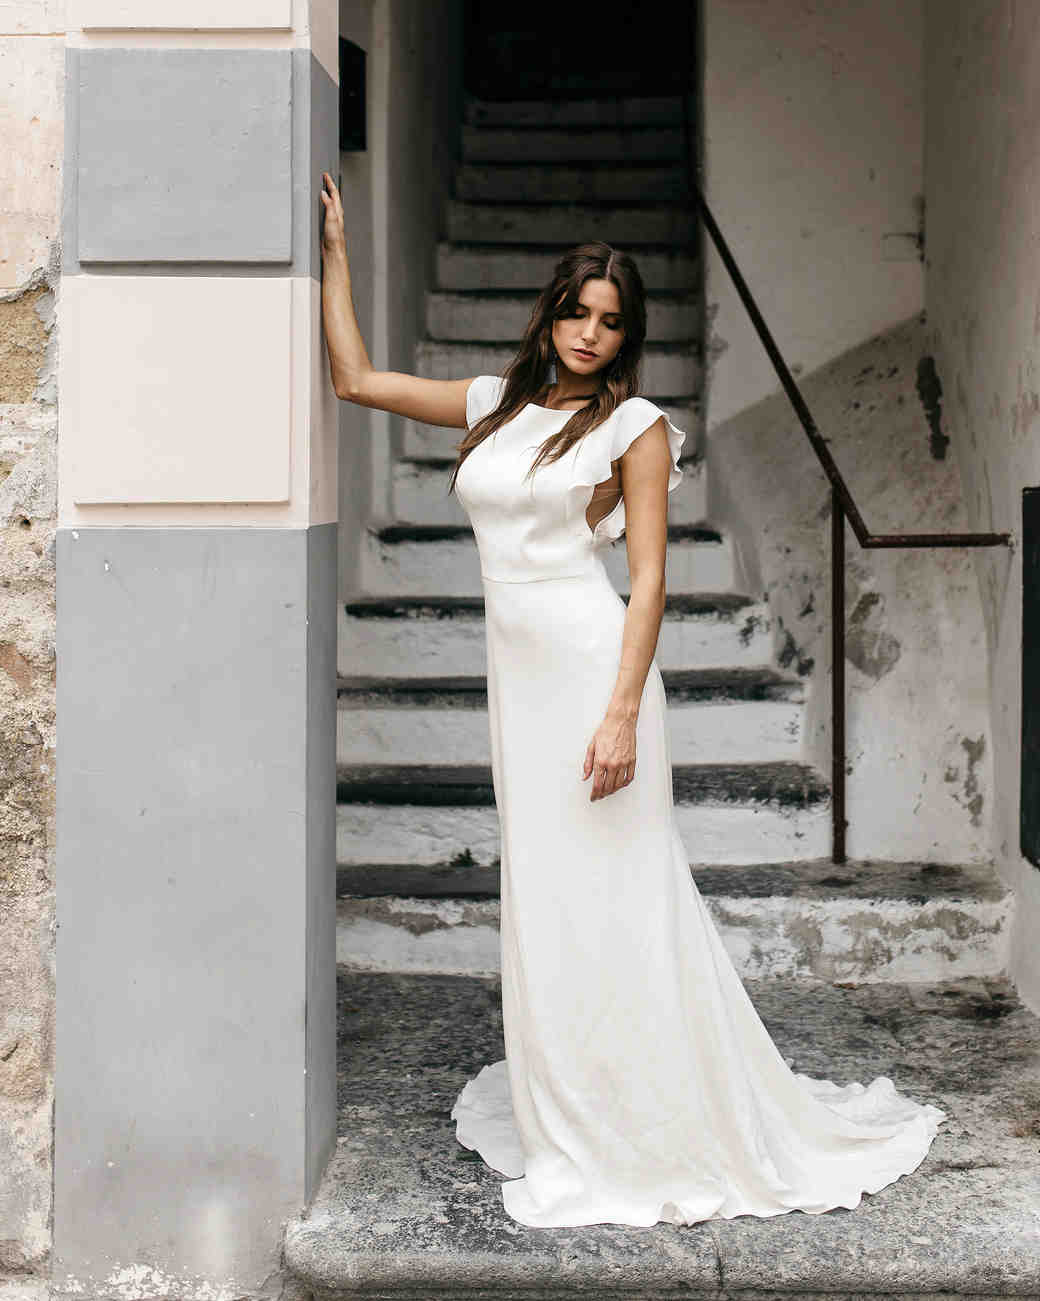 Lauren ciallella wedding